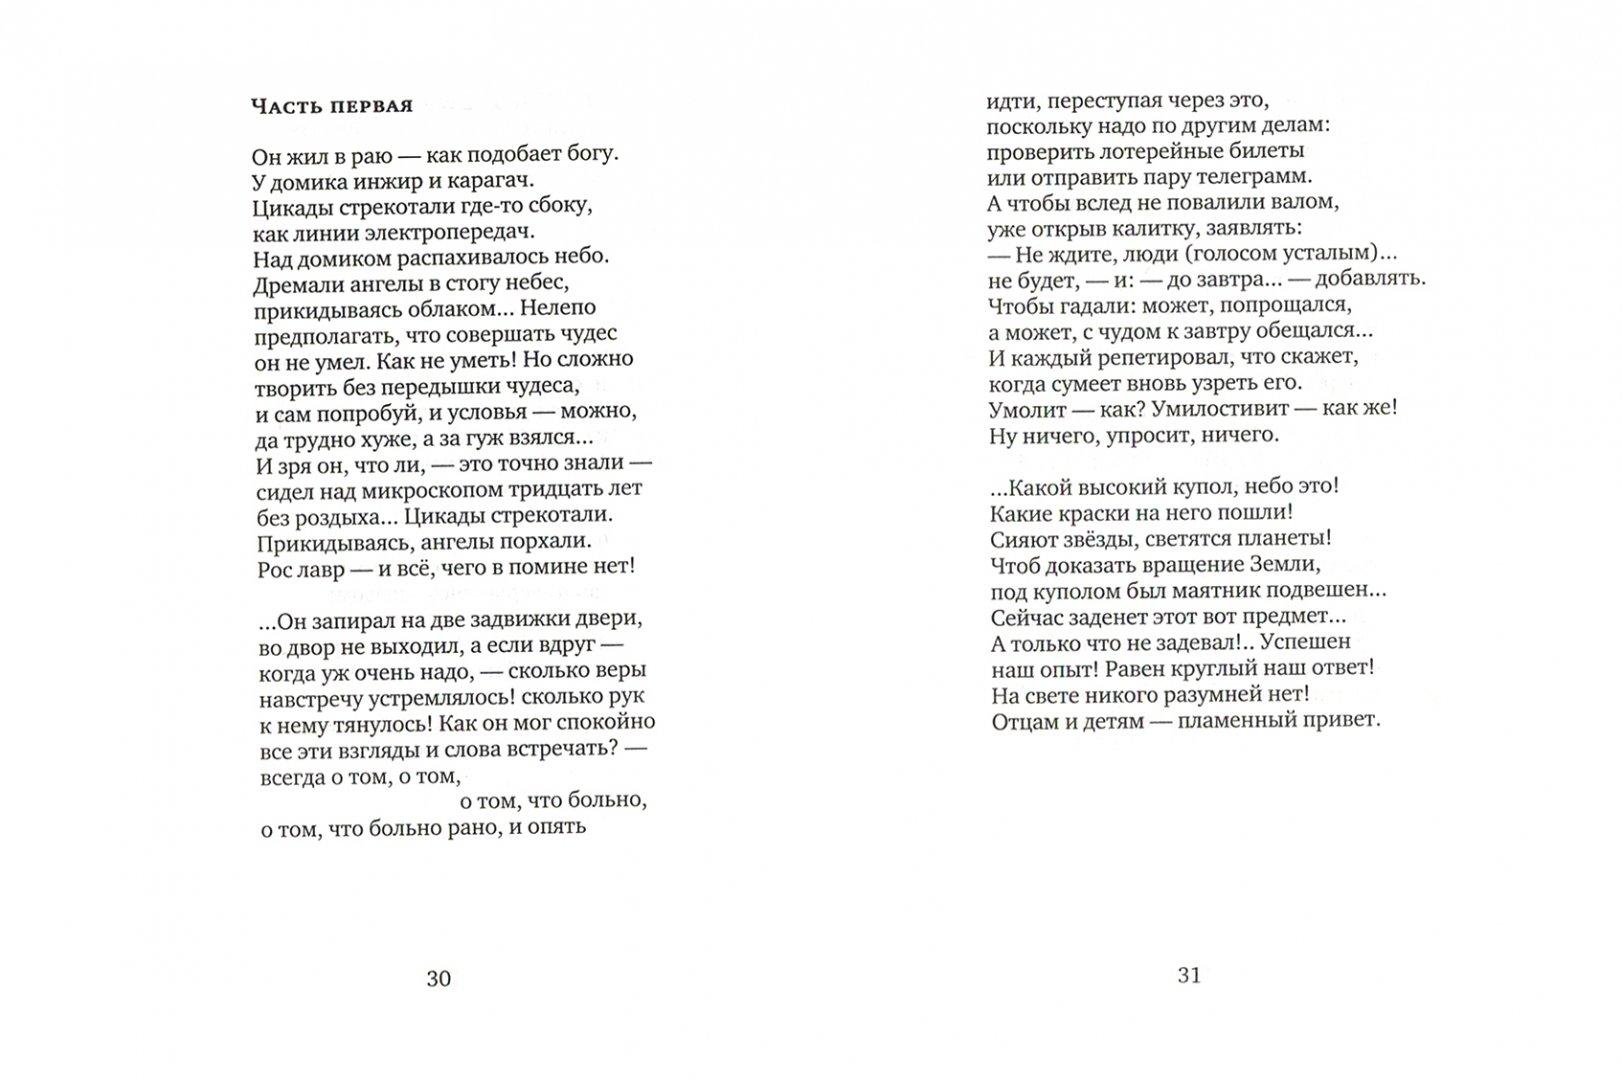 Иллюстрация 1 из 13 для На небесном дне - Олег Хлебников | Лабиринт - книги. Источник: Лабиринт